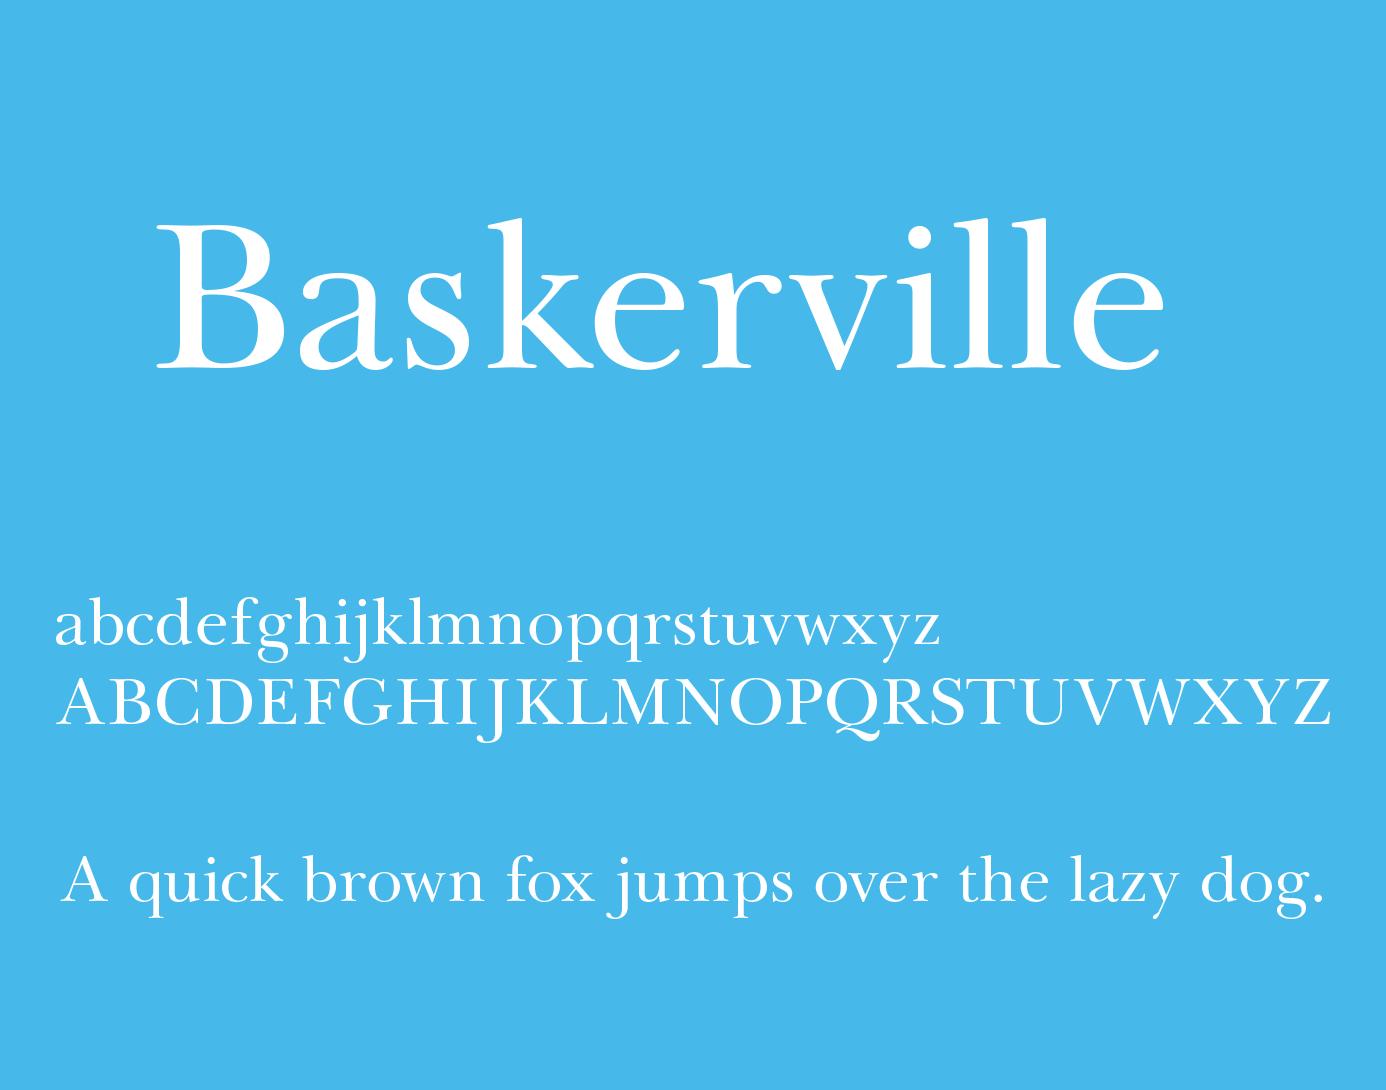 Baskerville free